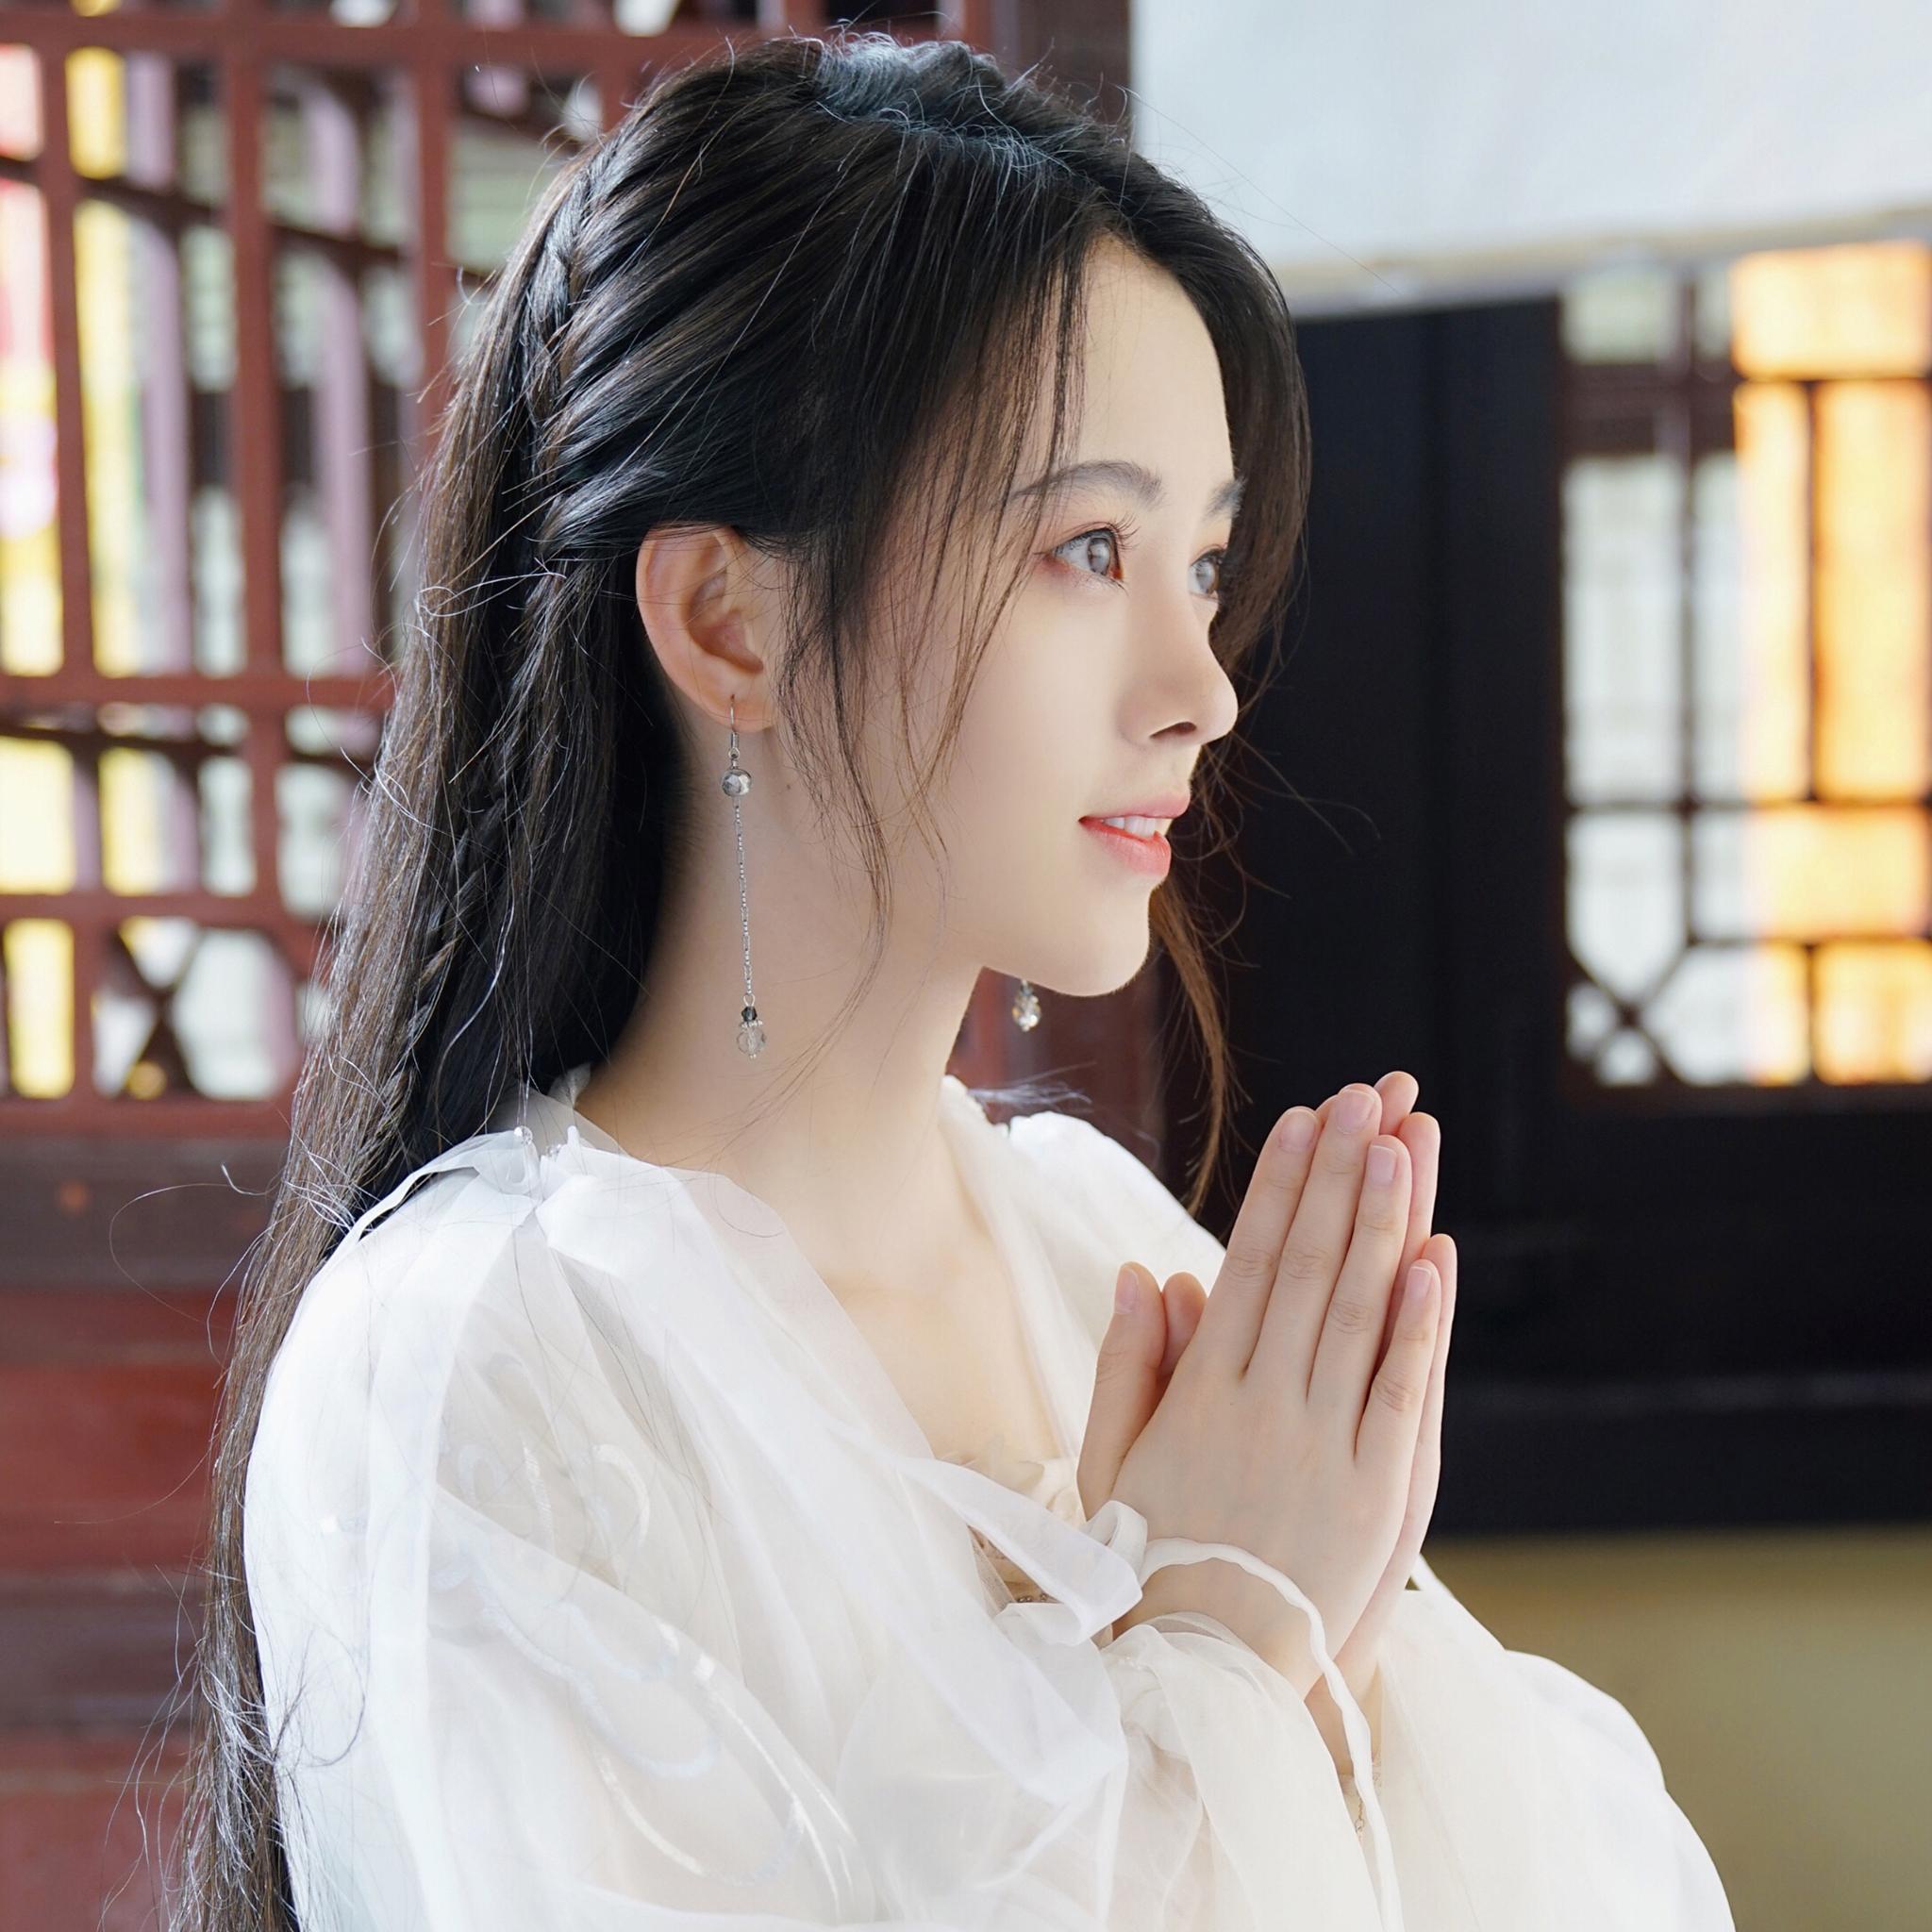 新白娘子古装传奇电视剧苹果鞠婧白素贞海报思美人电视剧小说图片